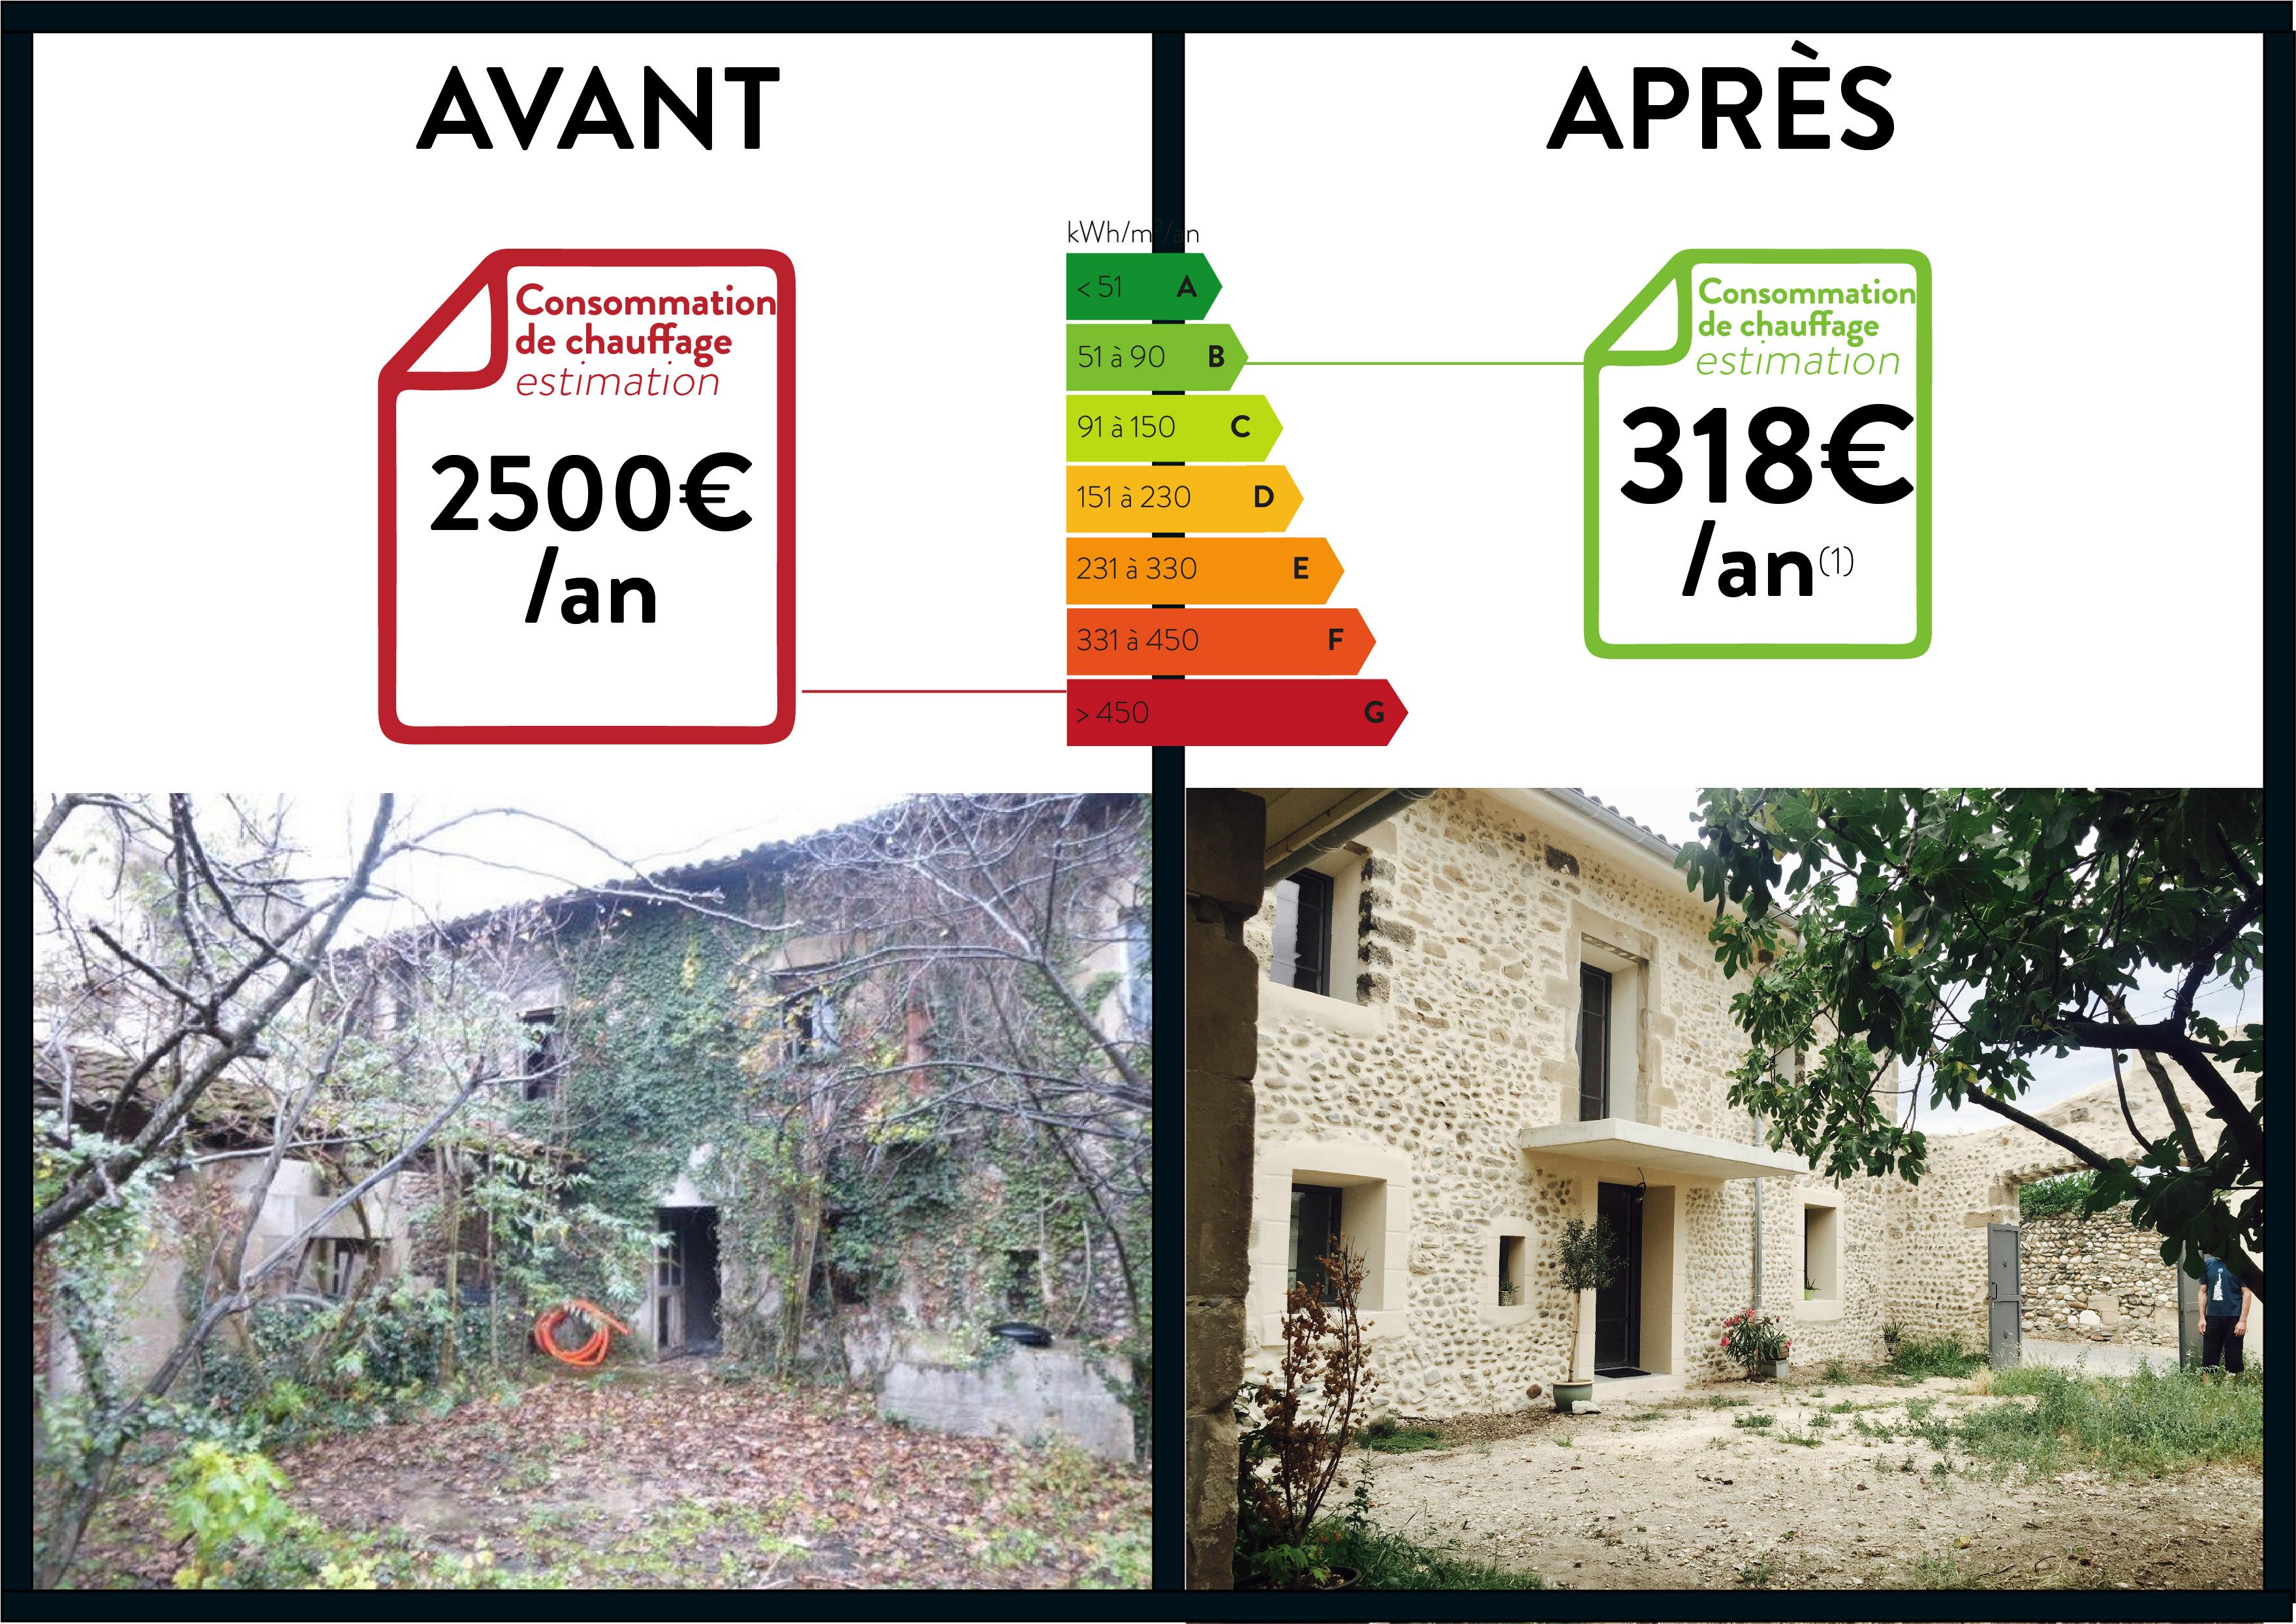 Avant vs Après